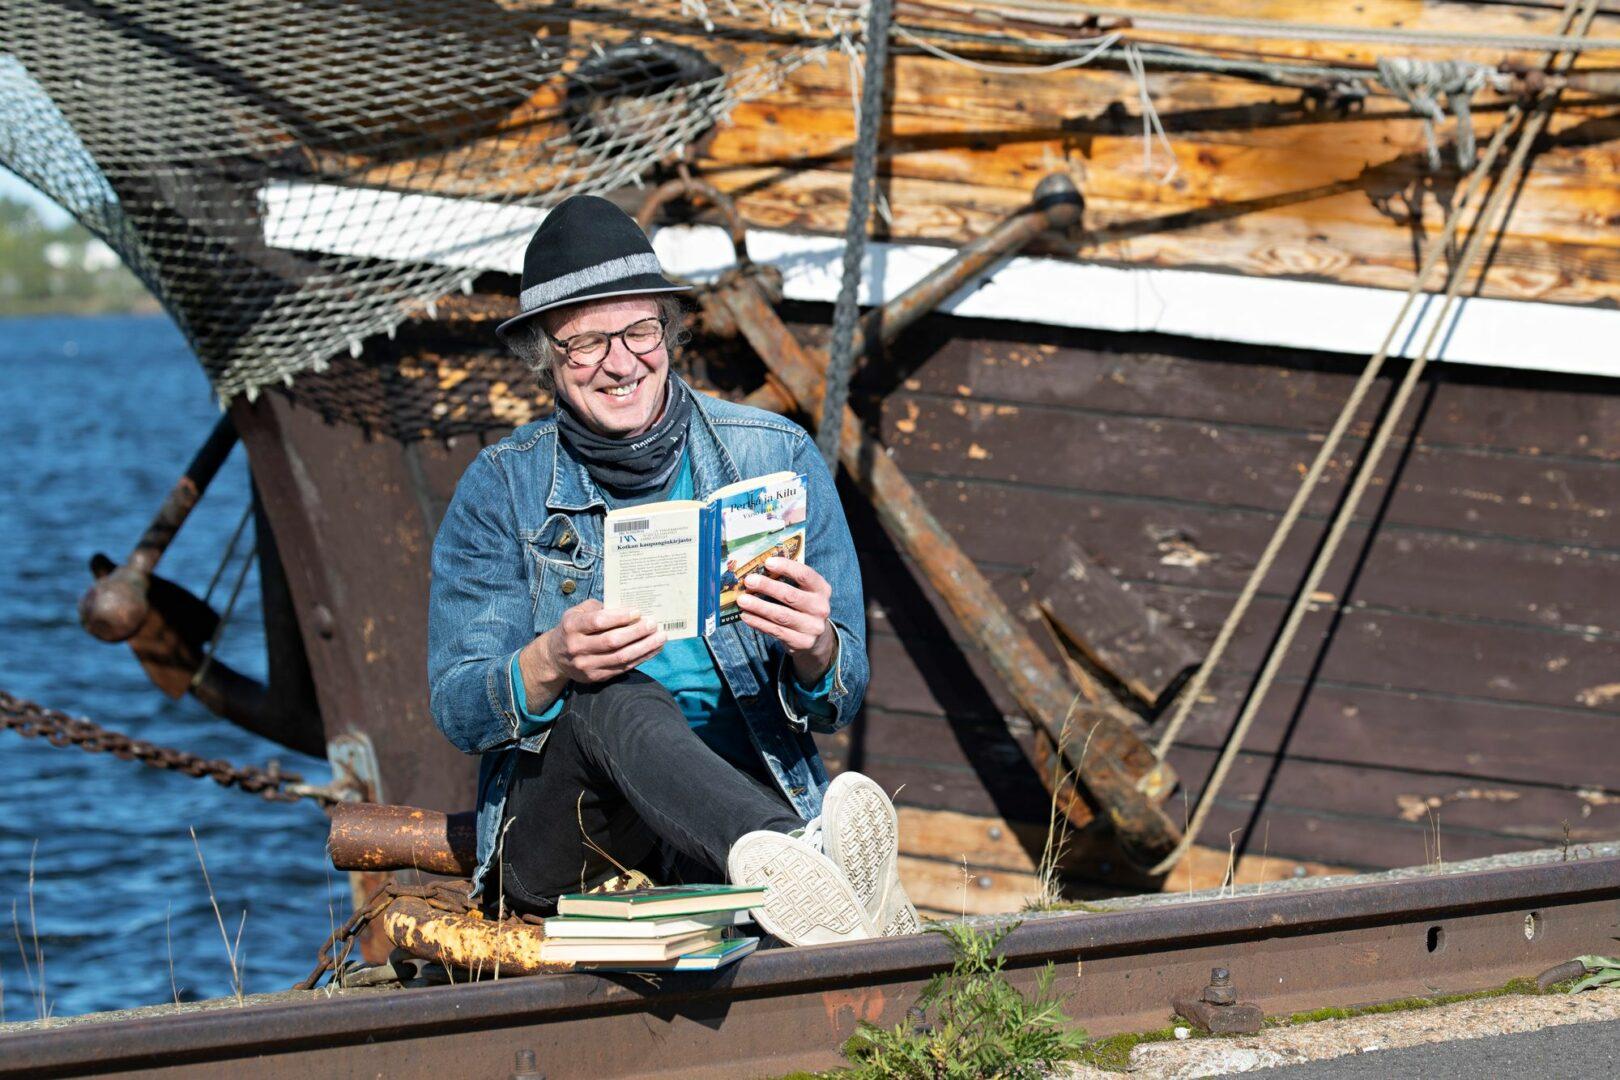 Toimittaja Ville Vanhala huomasi, että Pertsan ja Kilun seikkailuihin saa autenttista tunnelmaa, kun niitä lukee Kotkan satamassa. Kirja innosti vieläkin. © Pekka Nieminen